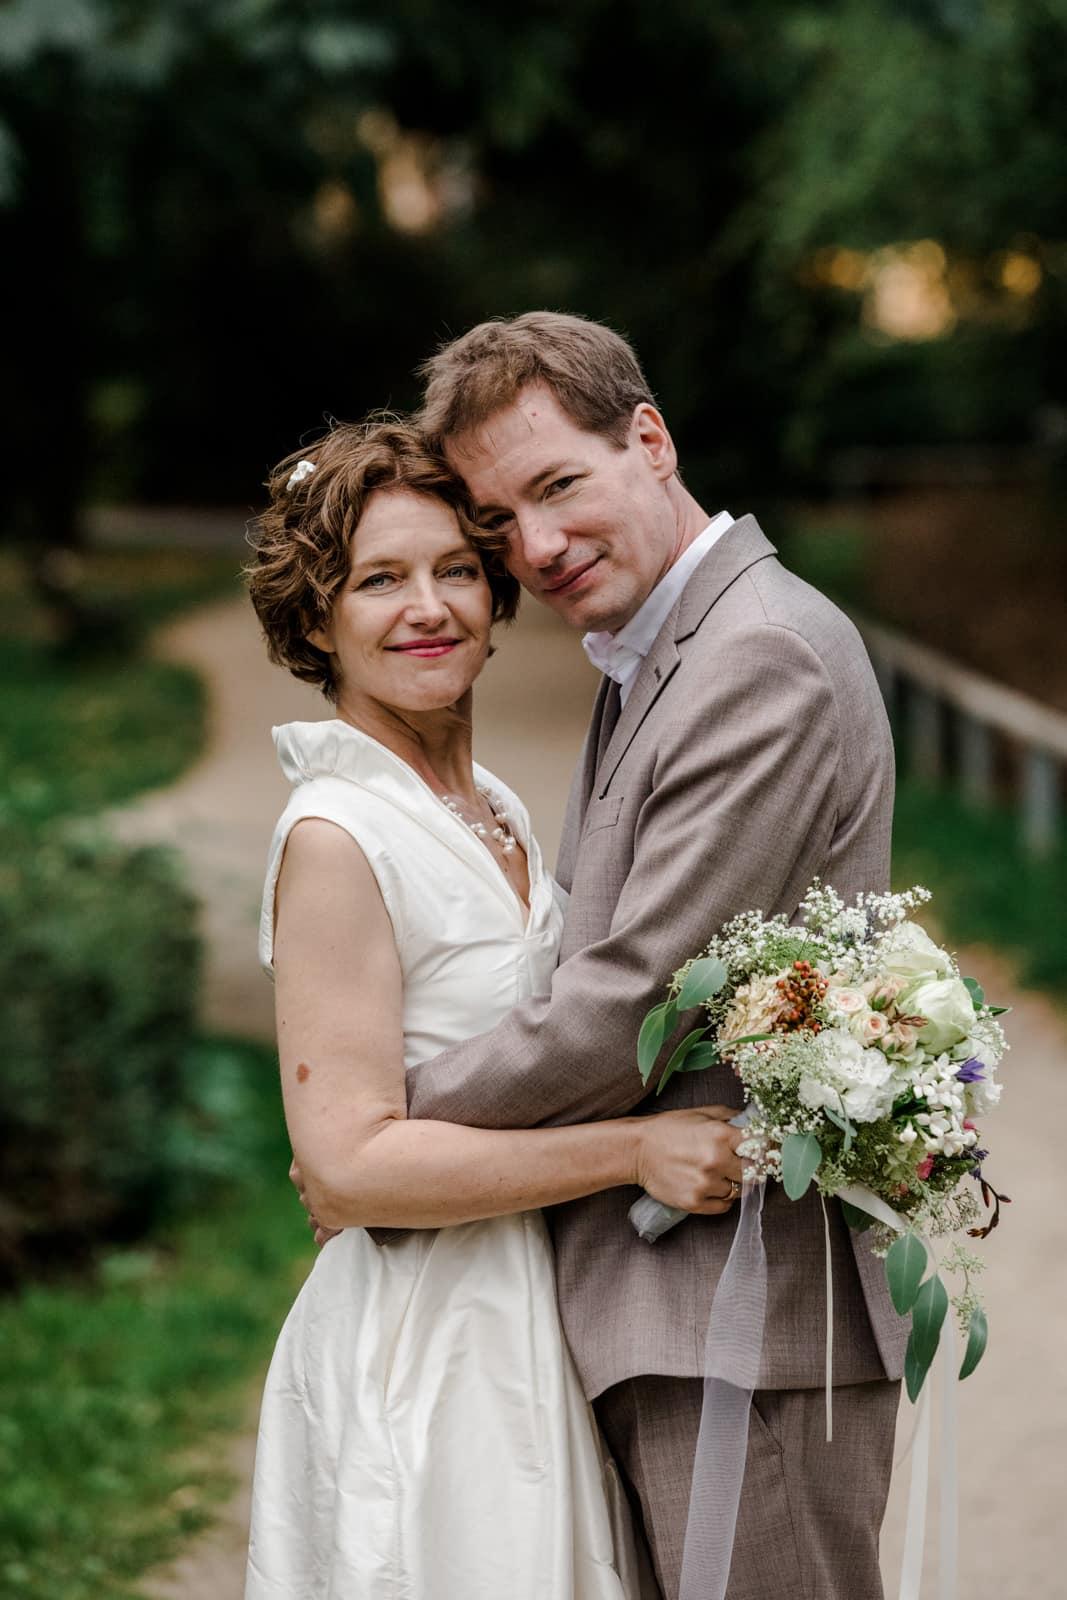 Brautpaar steht in der grünen Natur in Brautkleidung Kopf an Kopf im Park des Prinz-Emil-Schlösschen in Darmstadt.